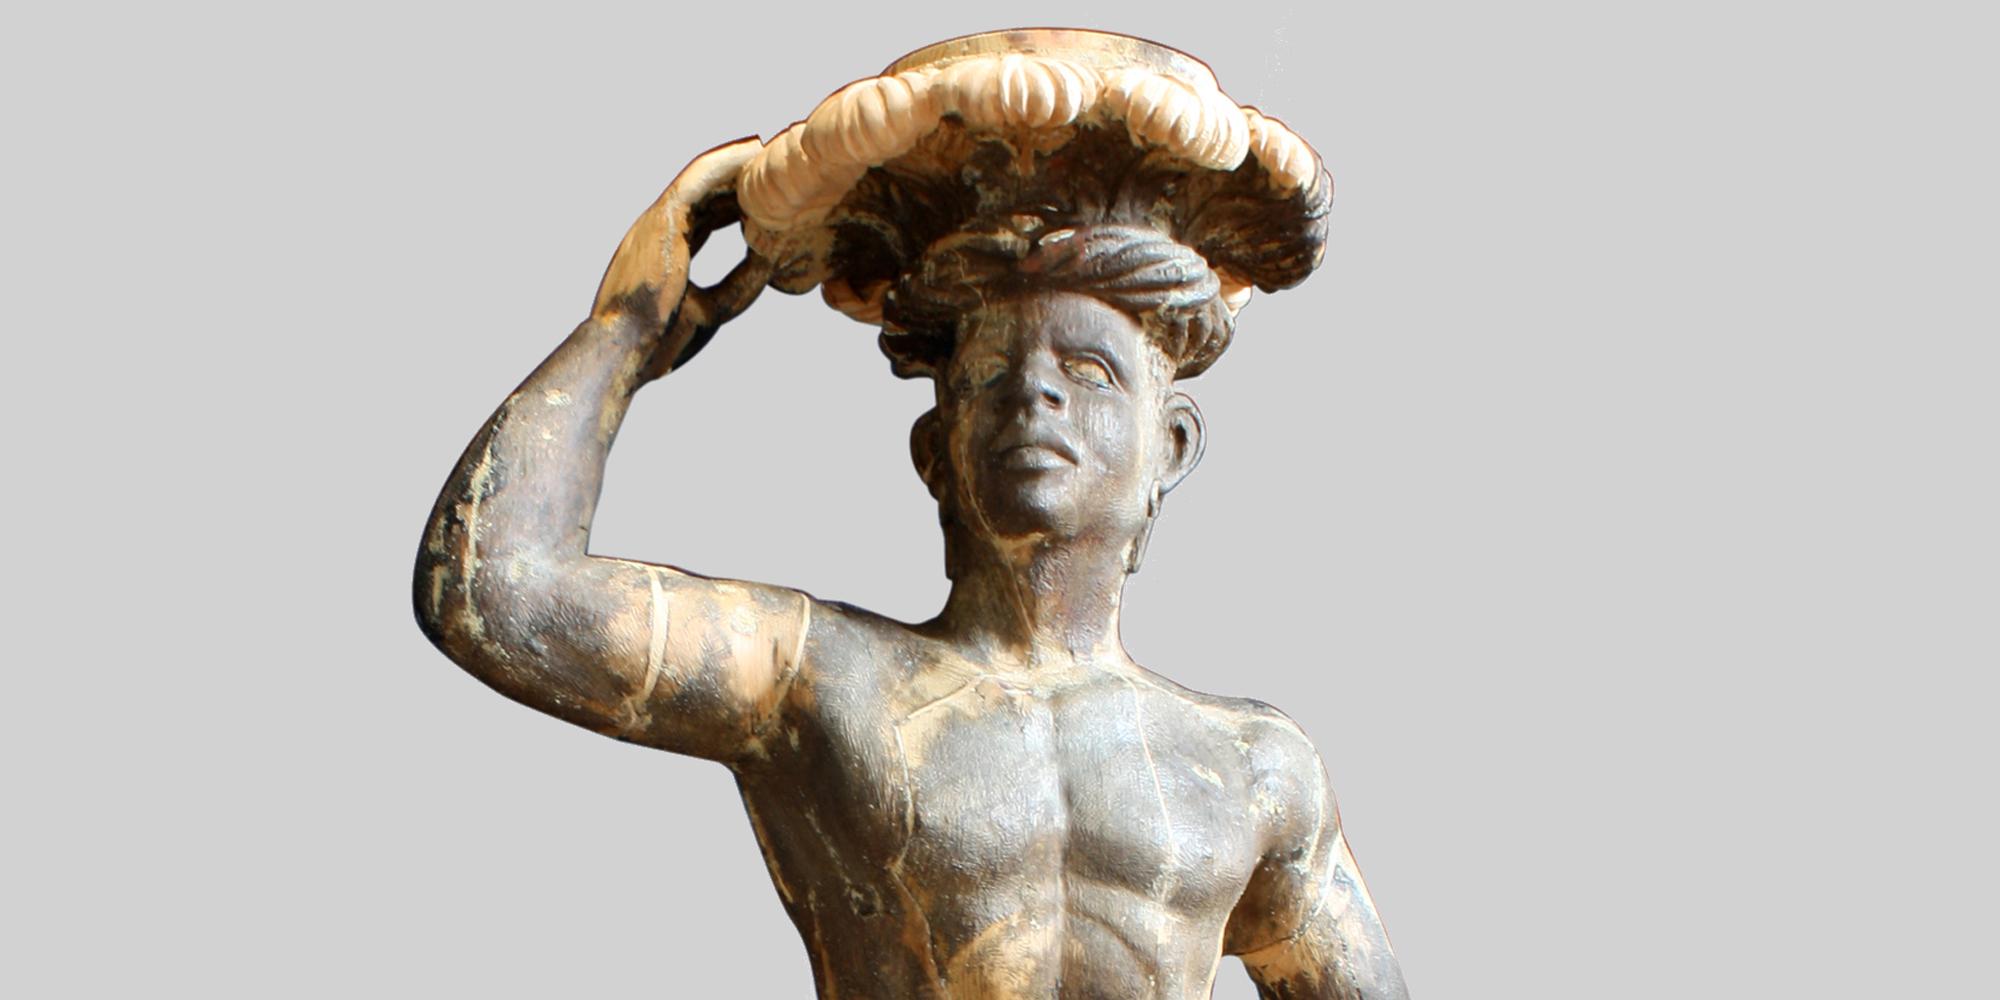 Restauro di scultura lignea di Moro veneziano